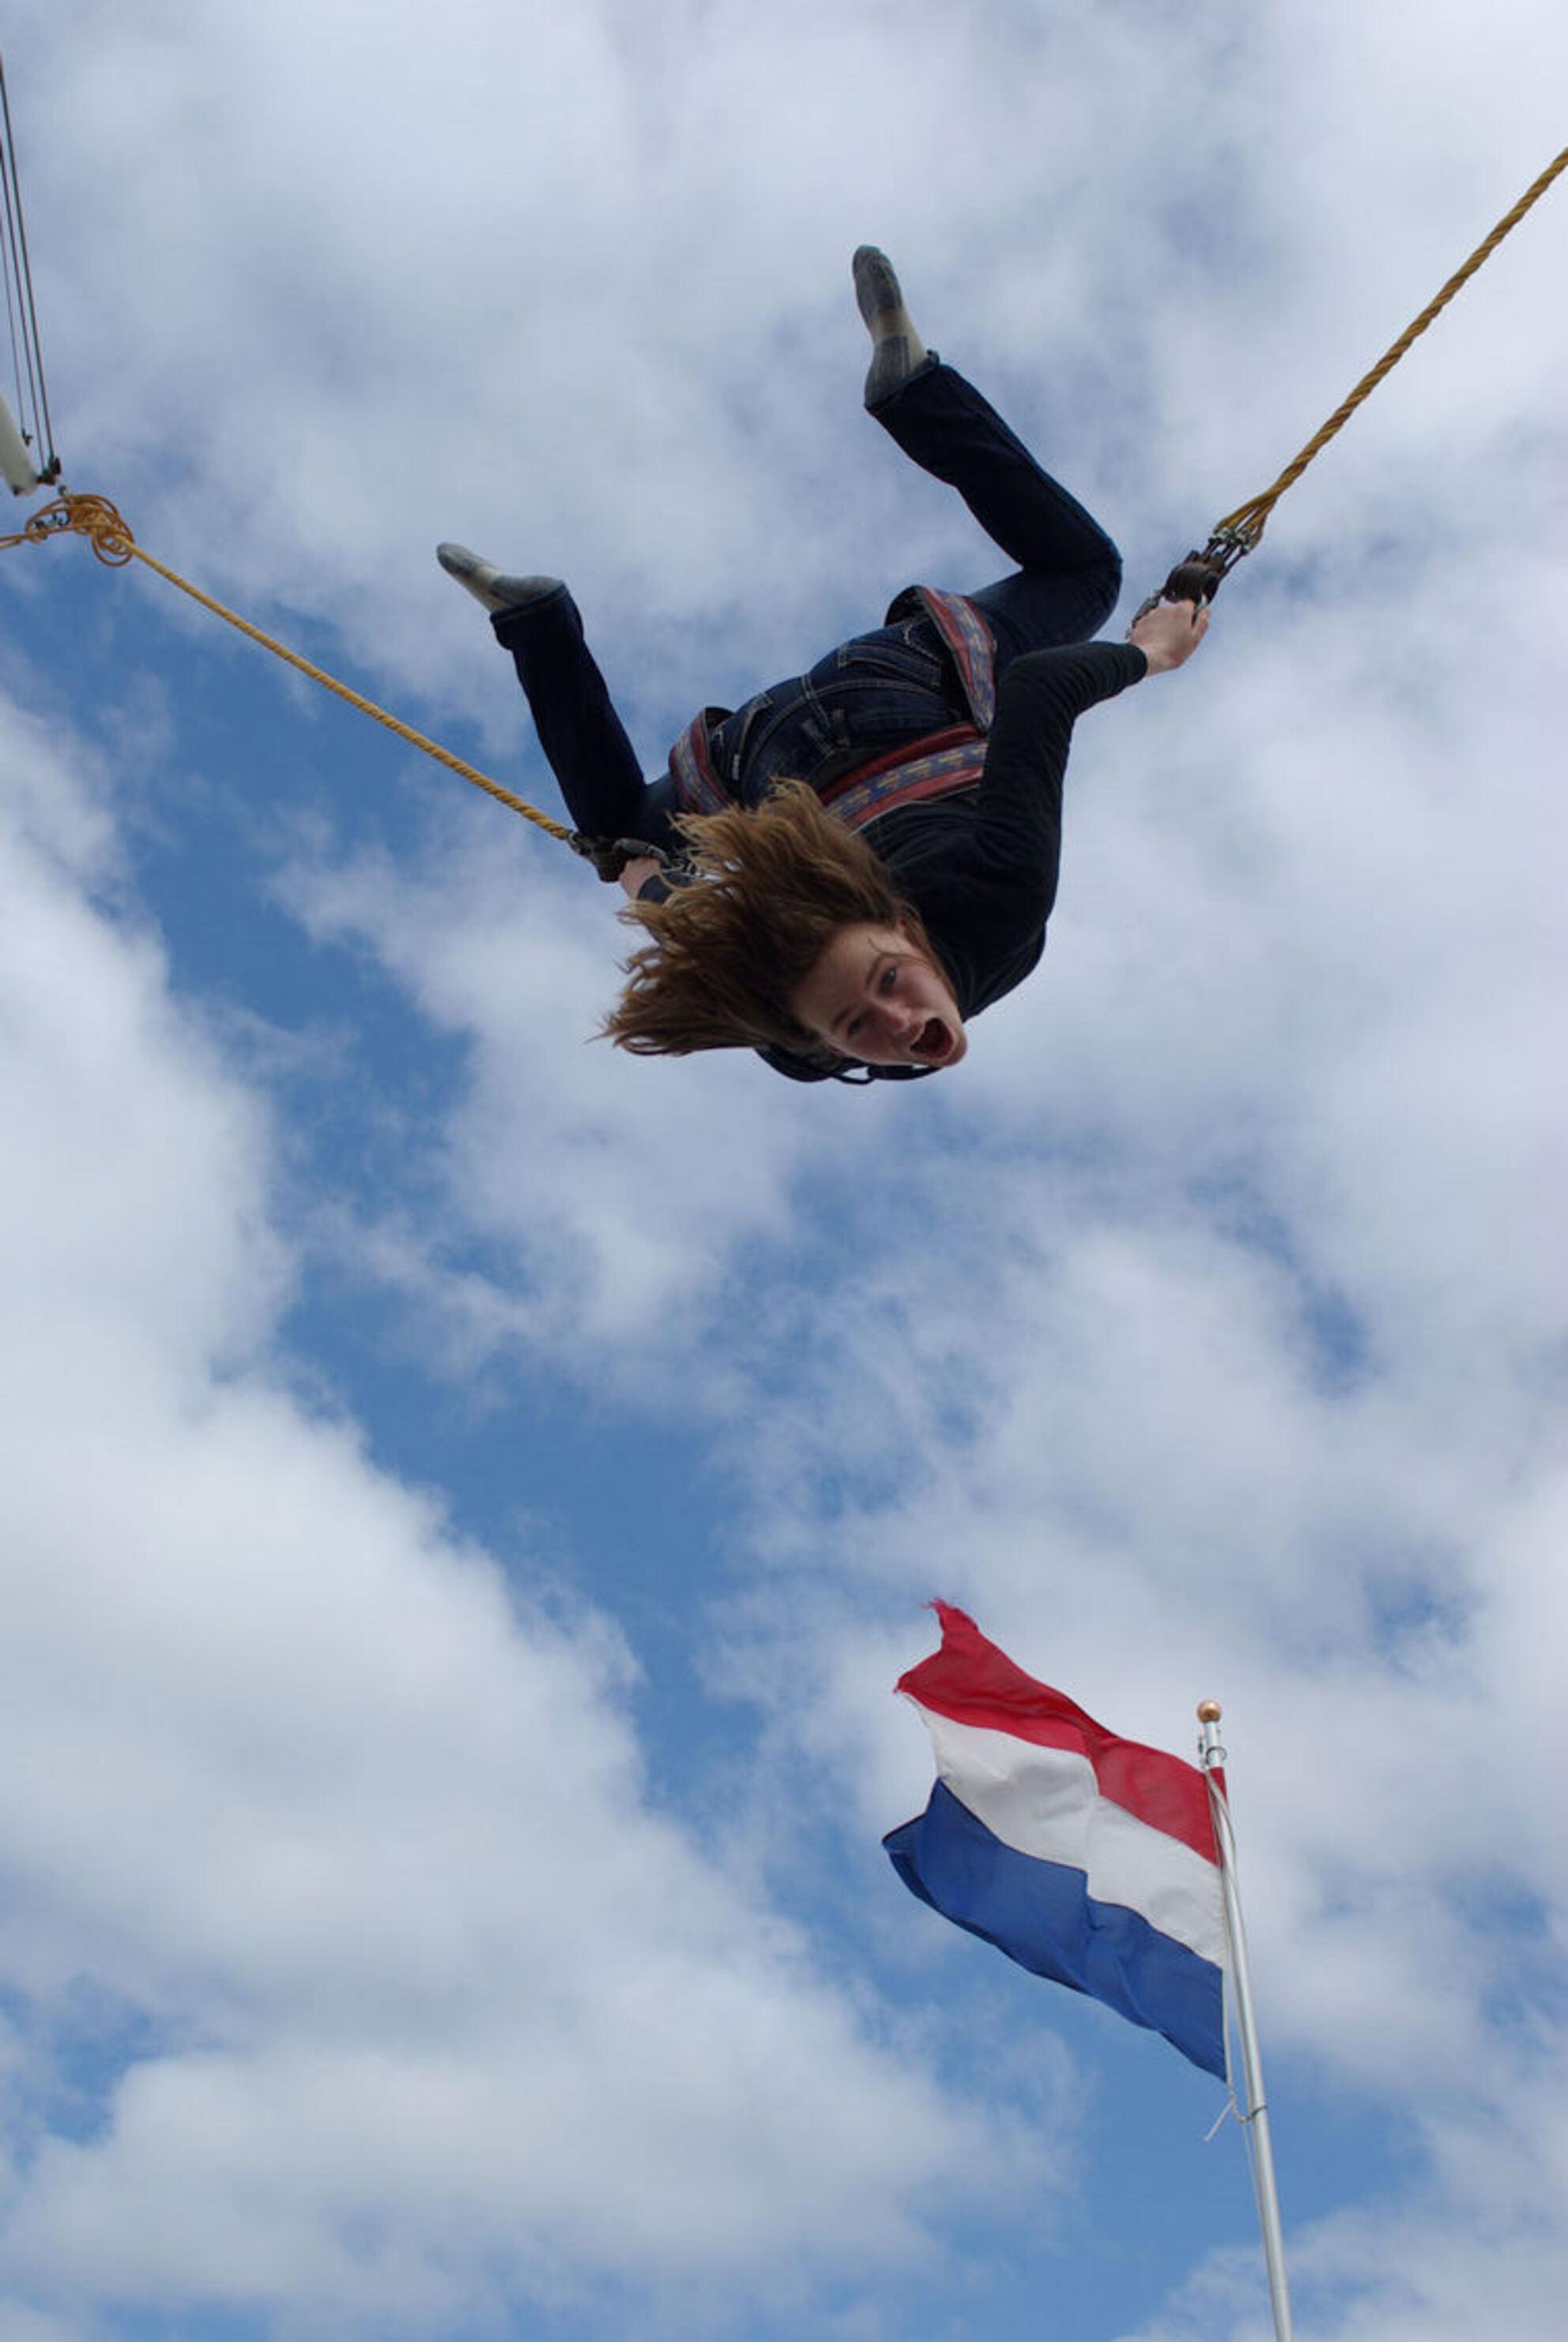 Jumping high - Lekker springen met een bos ptt elastieken aan je lijf - foto door rob-hauer op 10-09-2011 - deze foto bevat: vlag, actie, springen, lol, blauwe lucht - Deze foto mag gebruikt worden in een Zoom.nl publicatie